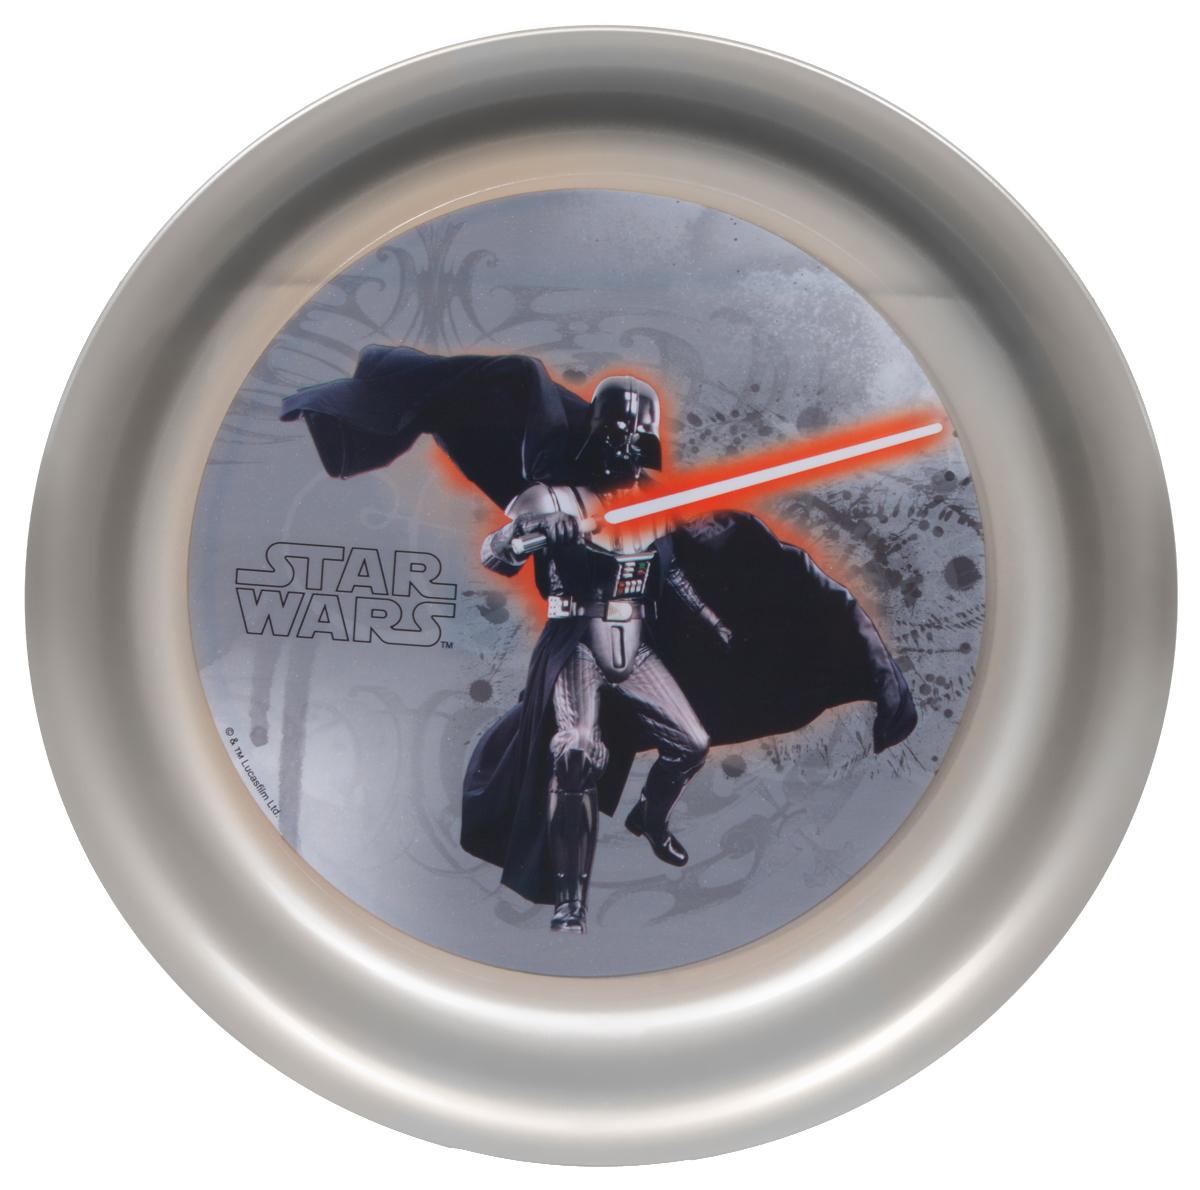 Star Wars Тарелка детская Дарт Вейдер диаметр 19 смSWP19-01Детская тарелка Star Wars Дарт Вейдер станет отличным подарком для любого фаната знаменитой саги. Она выполнена из полипропилена и оформлена рисунком с изображением Дарта Вейдера. Диаметр тарелки: 19 см. Не подходит для использования в посудомоечной машине и СВЧ-печи.